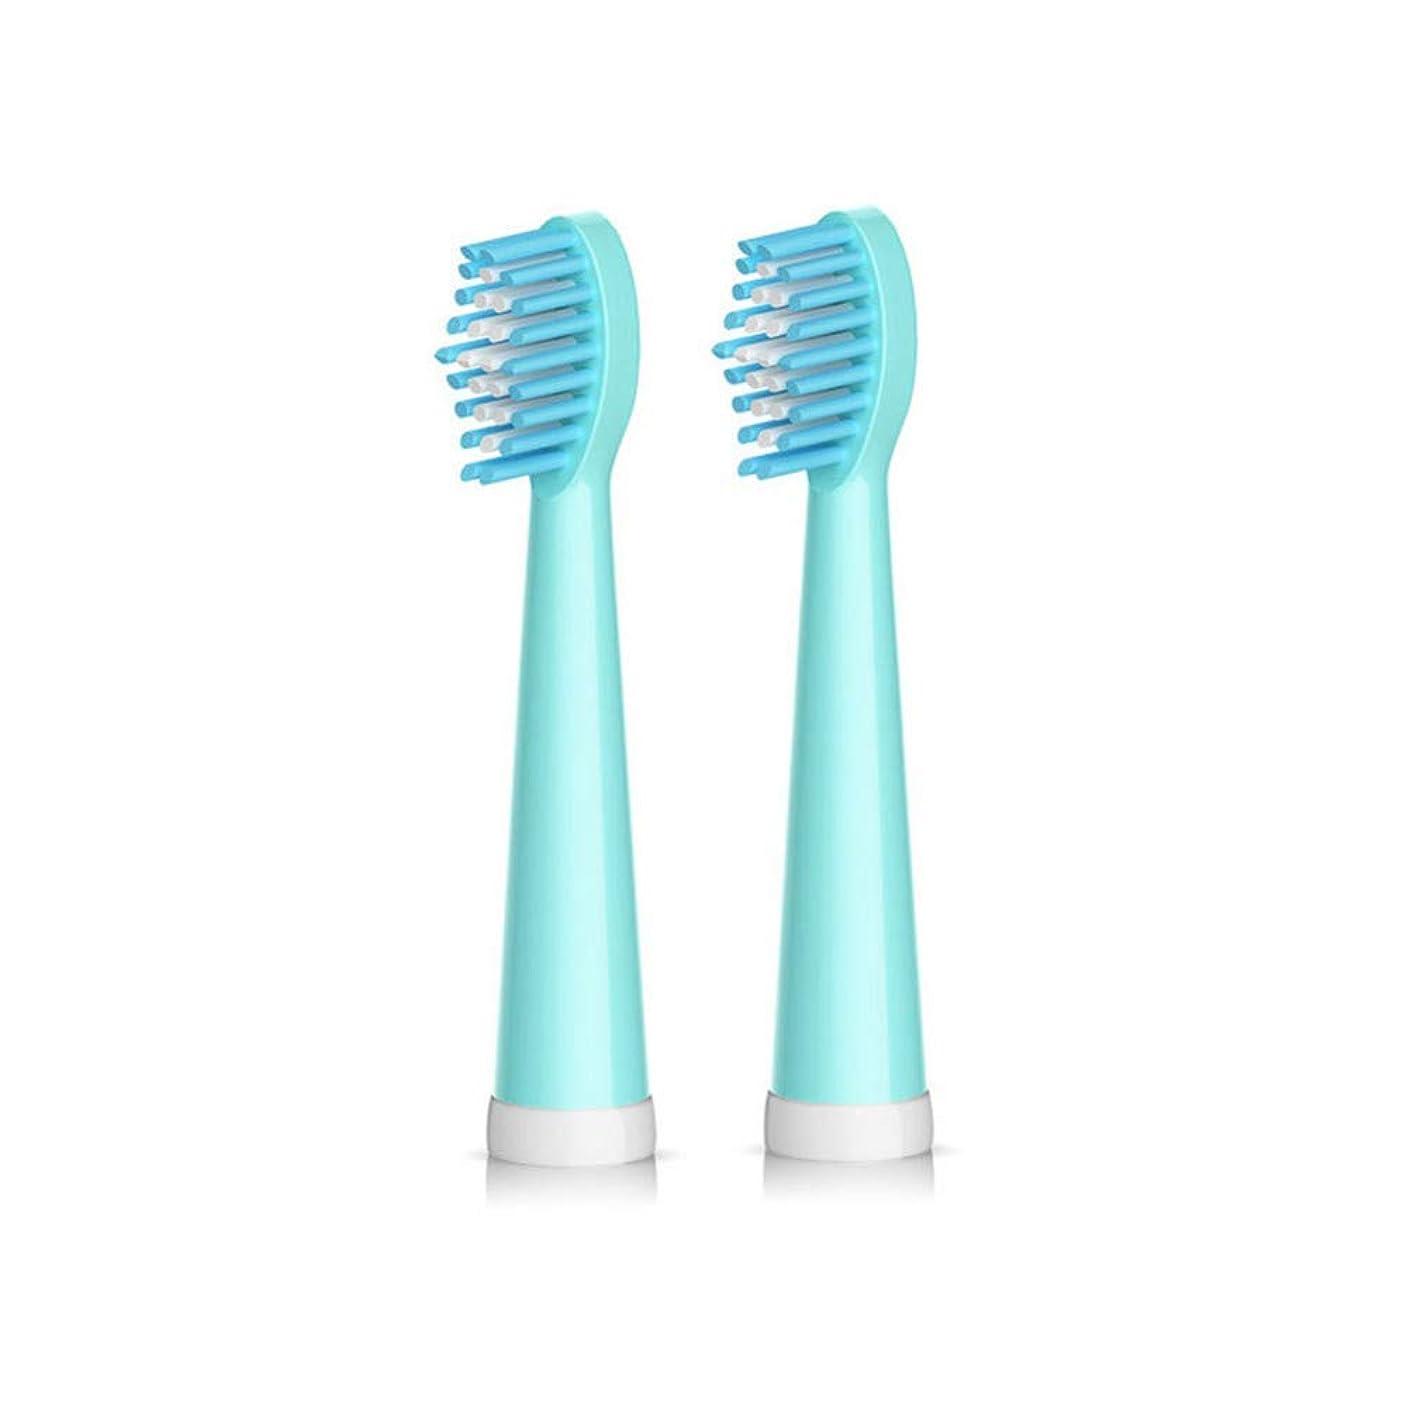 チャレンジガスブレーキ3つのモードの子供のソニック電動歯ブラシ漫画パターン子供2毛電動歯歯ブラシヘッド、B